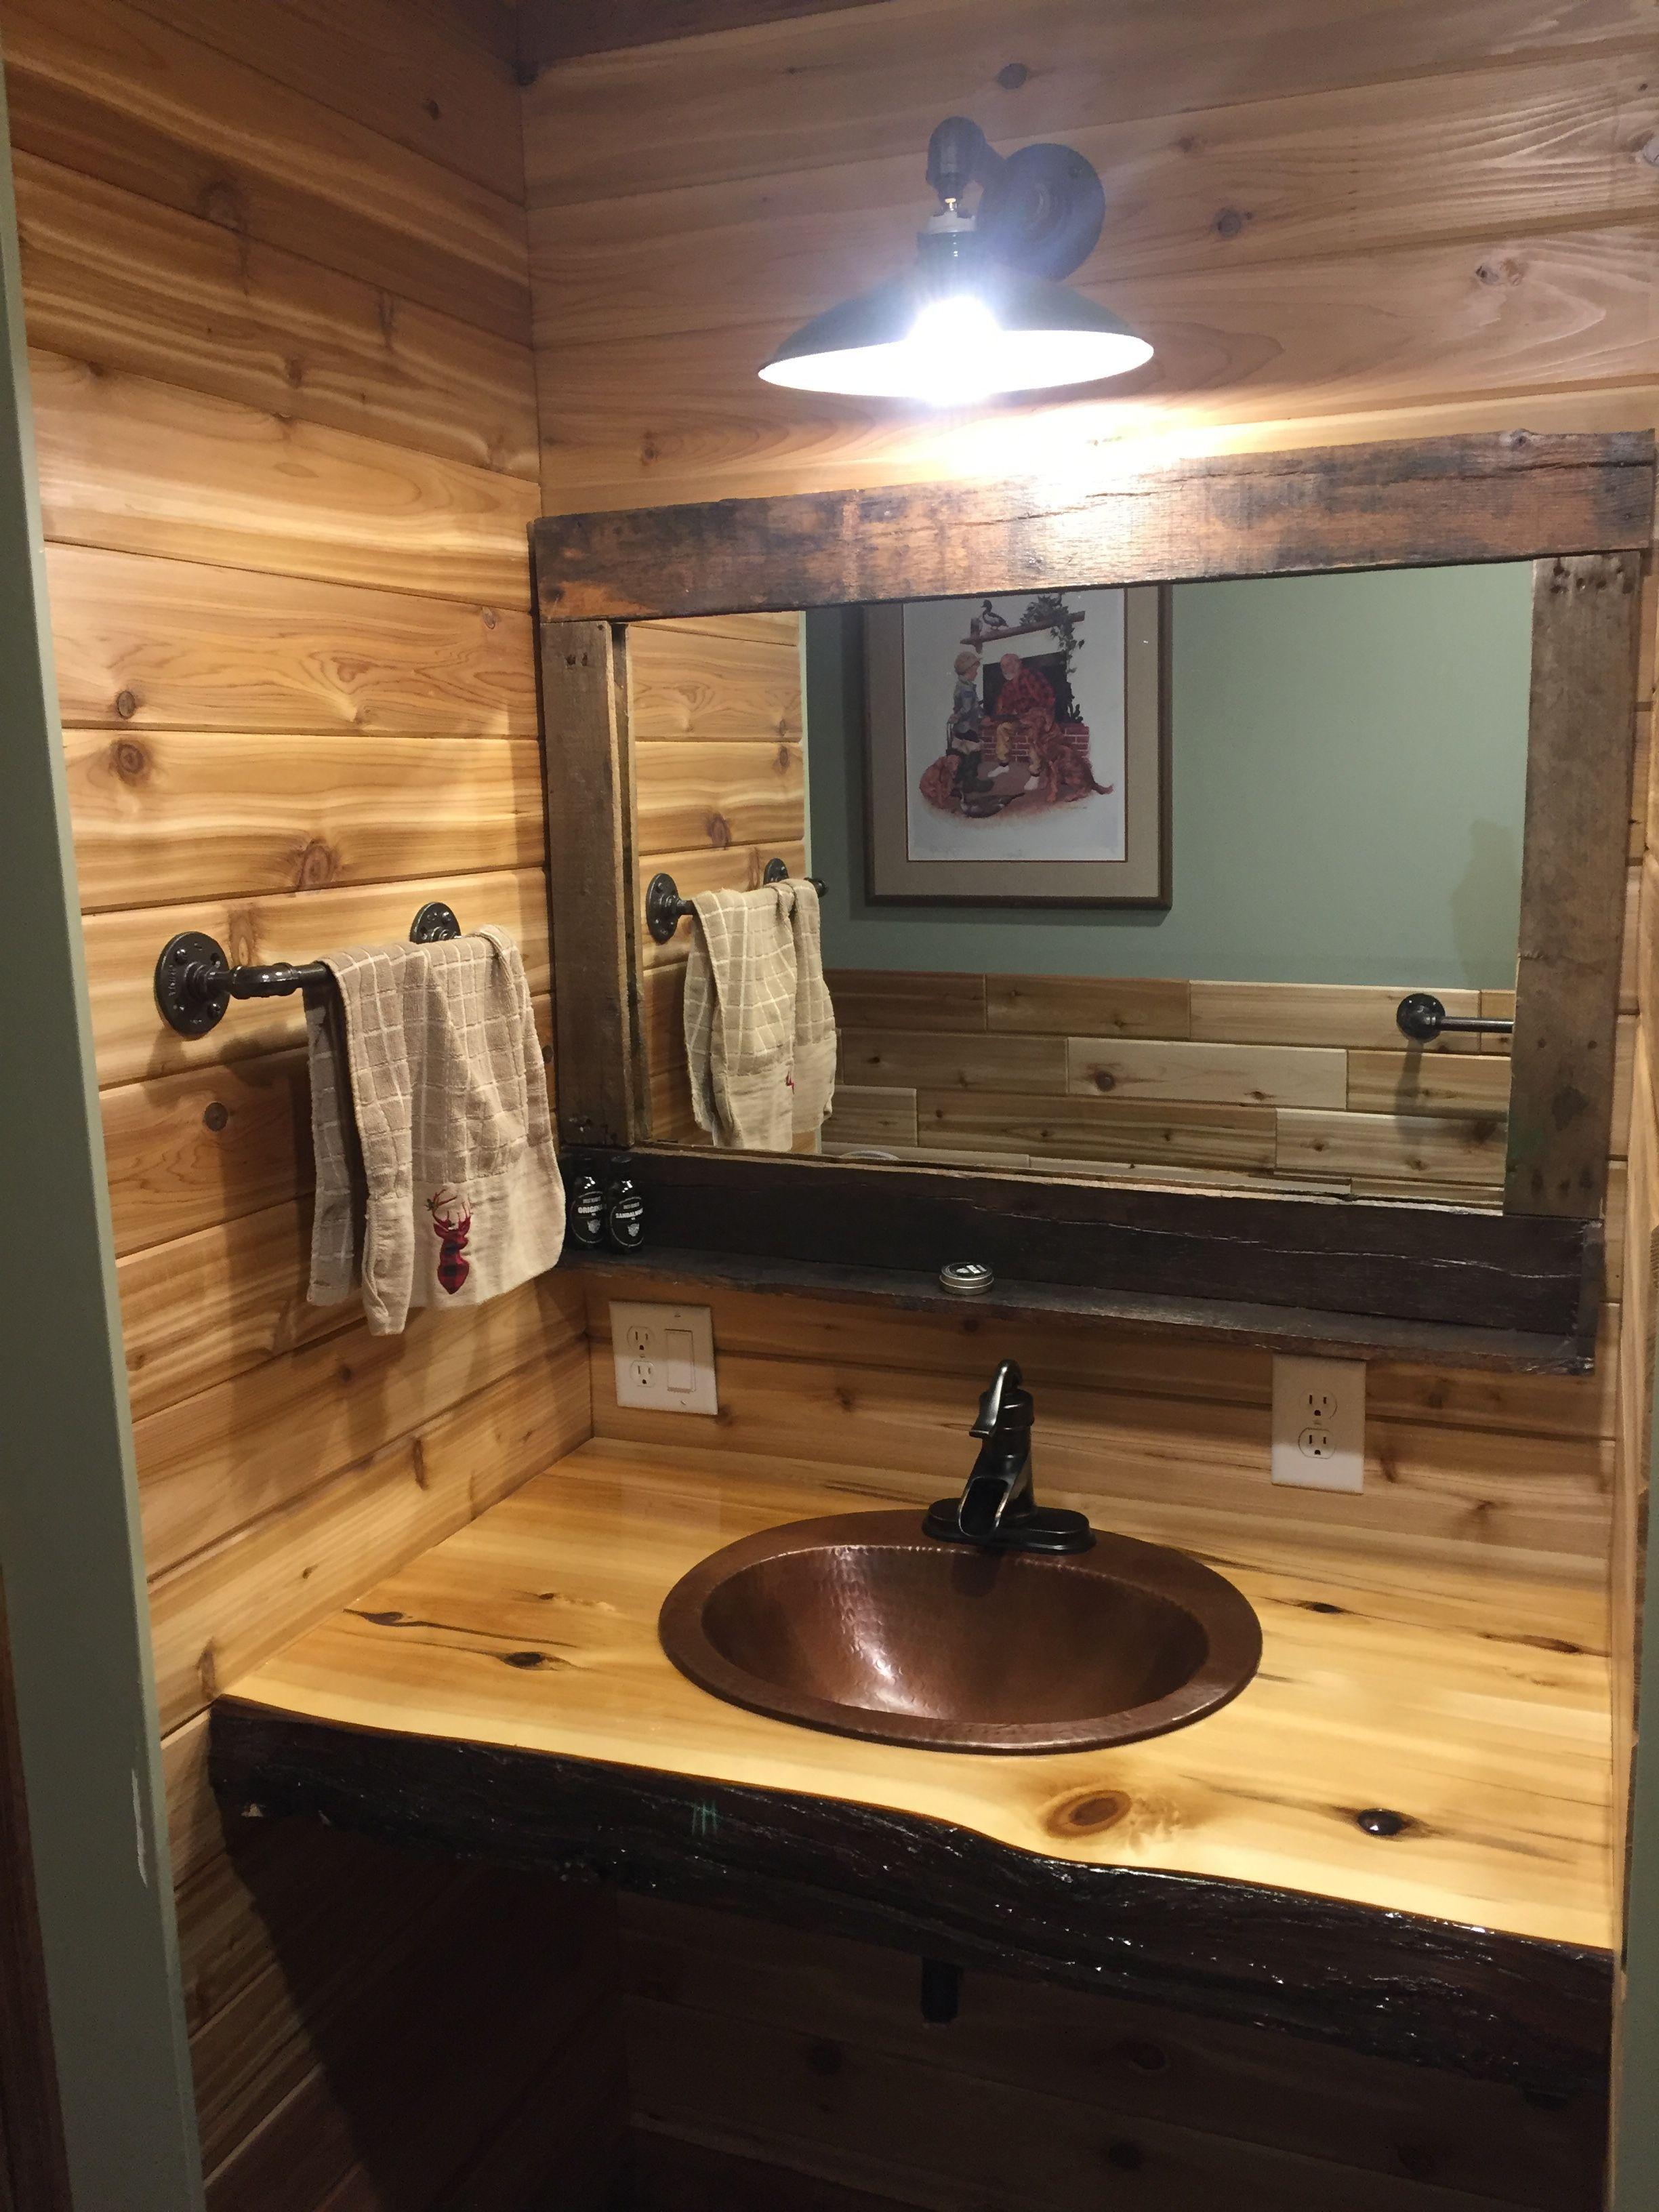 Looking For A Beautiful Rustic Vanity Log Vanity Or Barnwood Vanity For Your Master Suite B Rustic Bathrooms Rustic Bathroom Vanities Rustic Bathroom Designs [ jpg ]